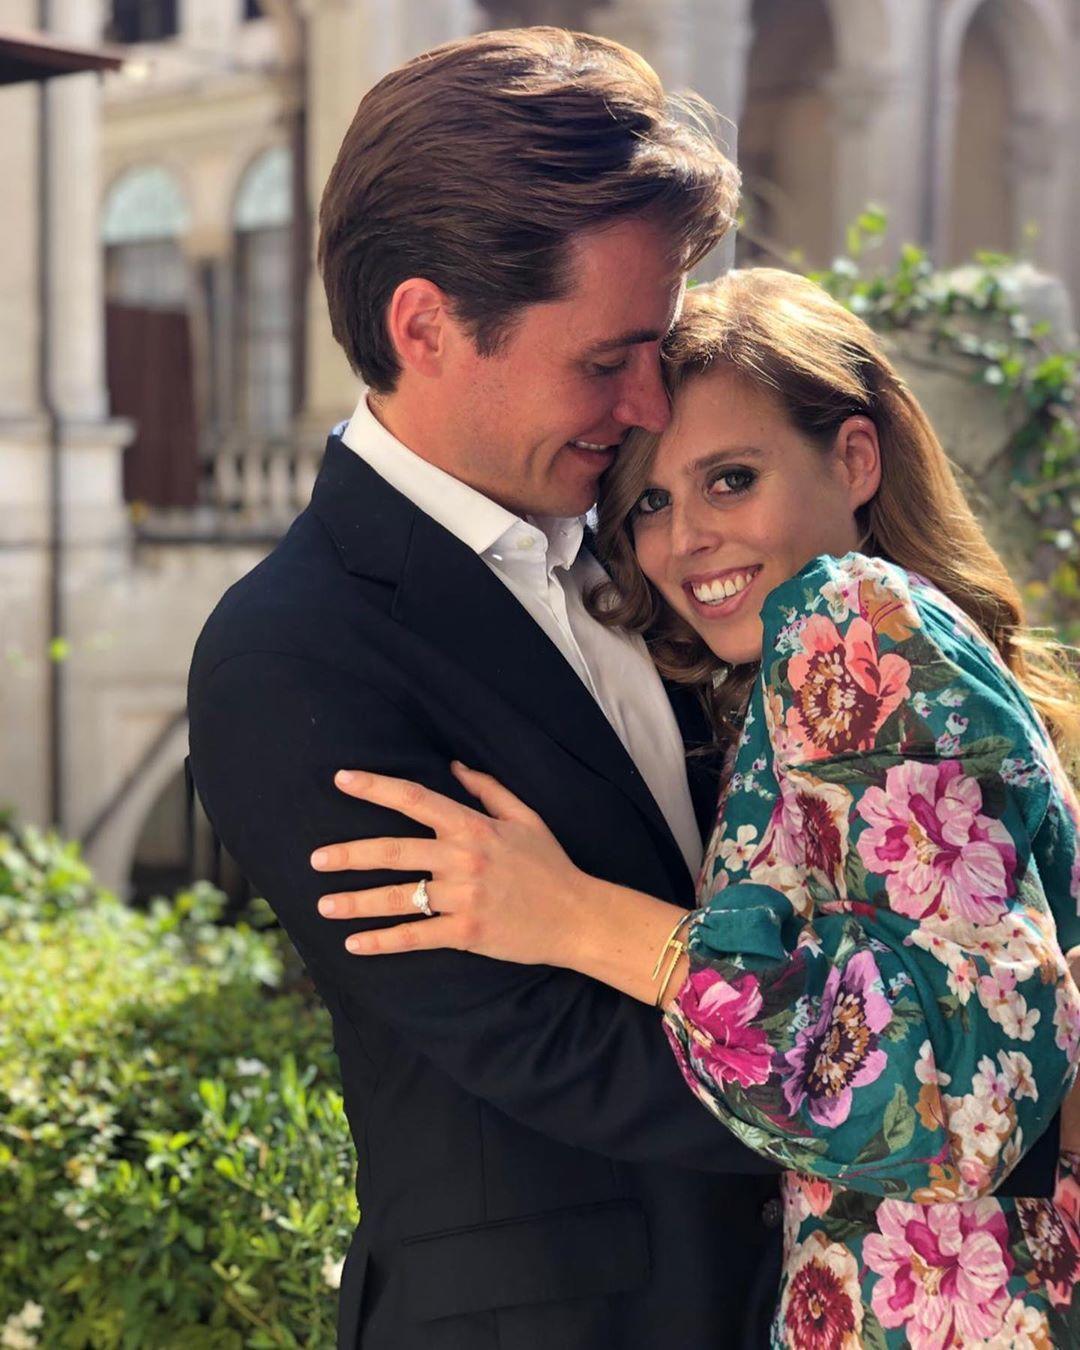 Princezna Beatrice a její snoubenec Edoardo